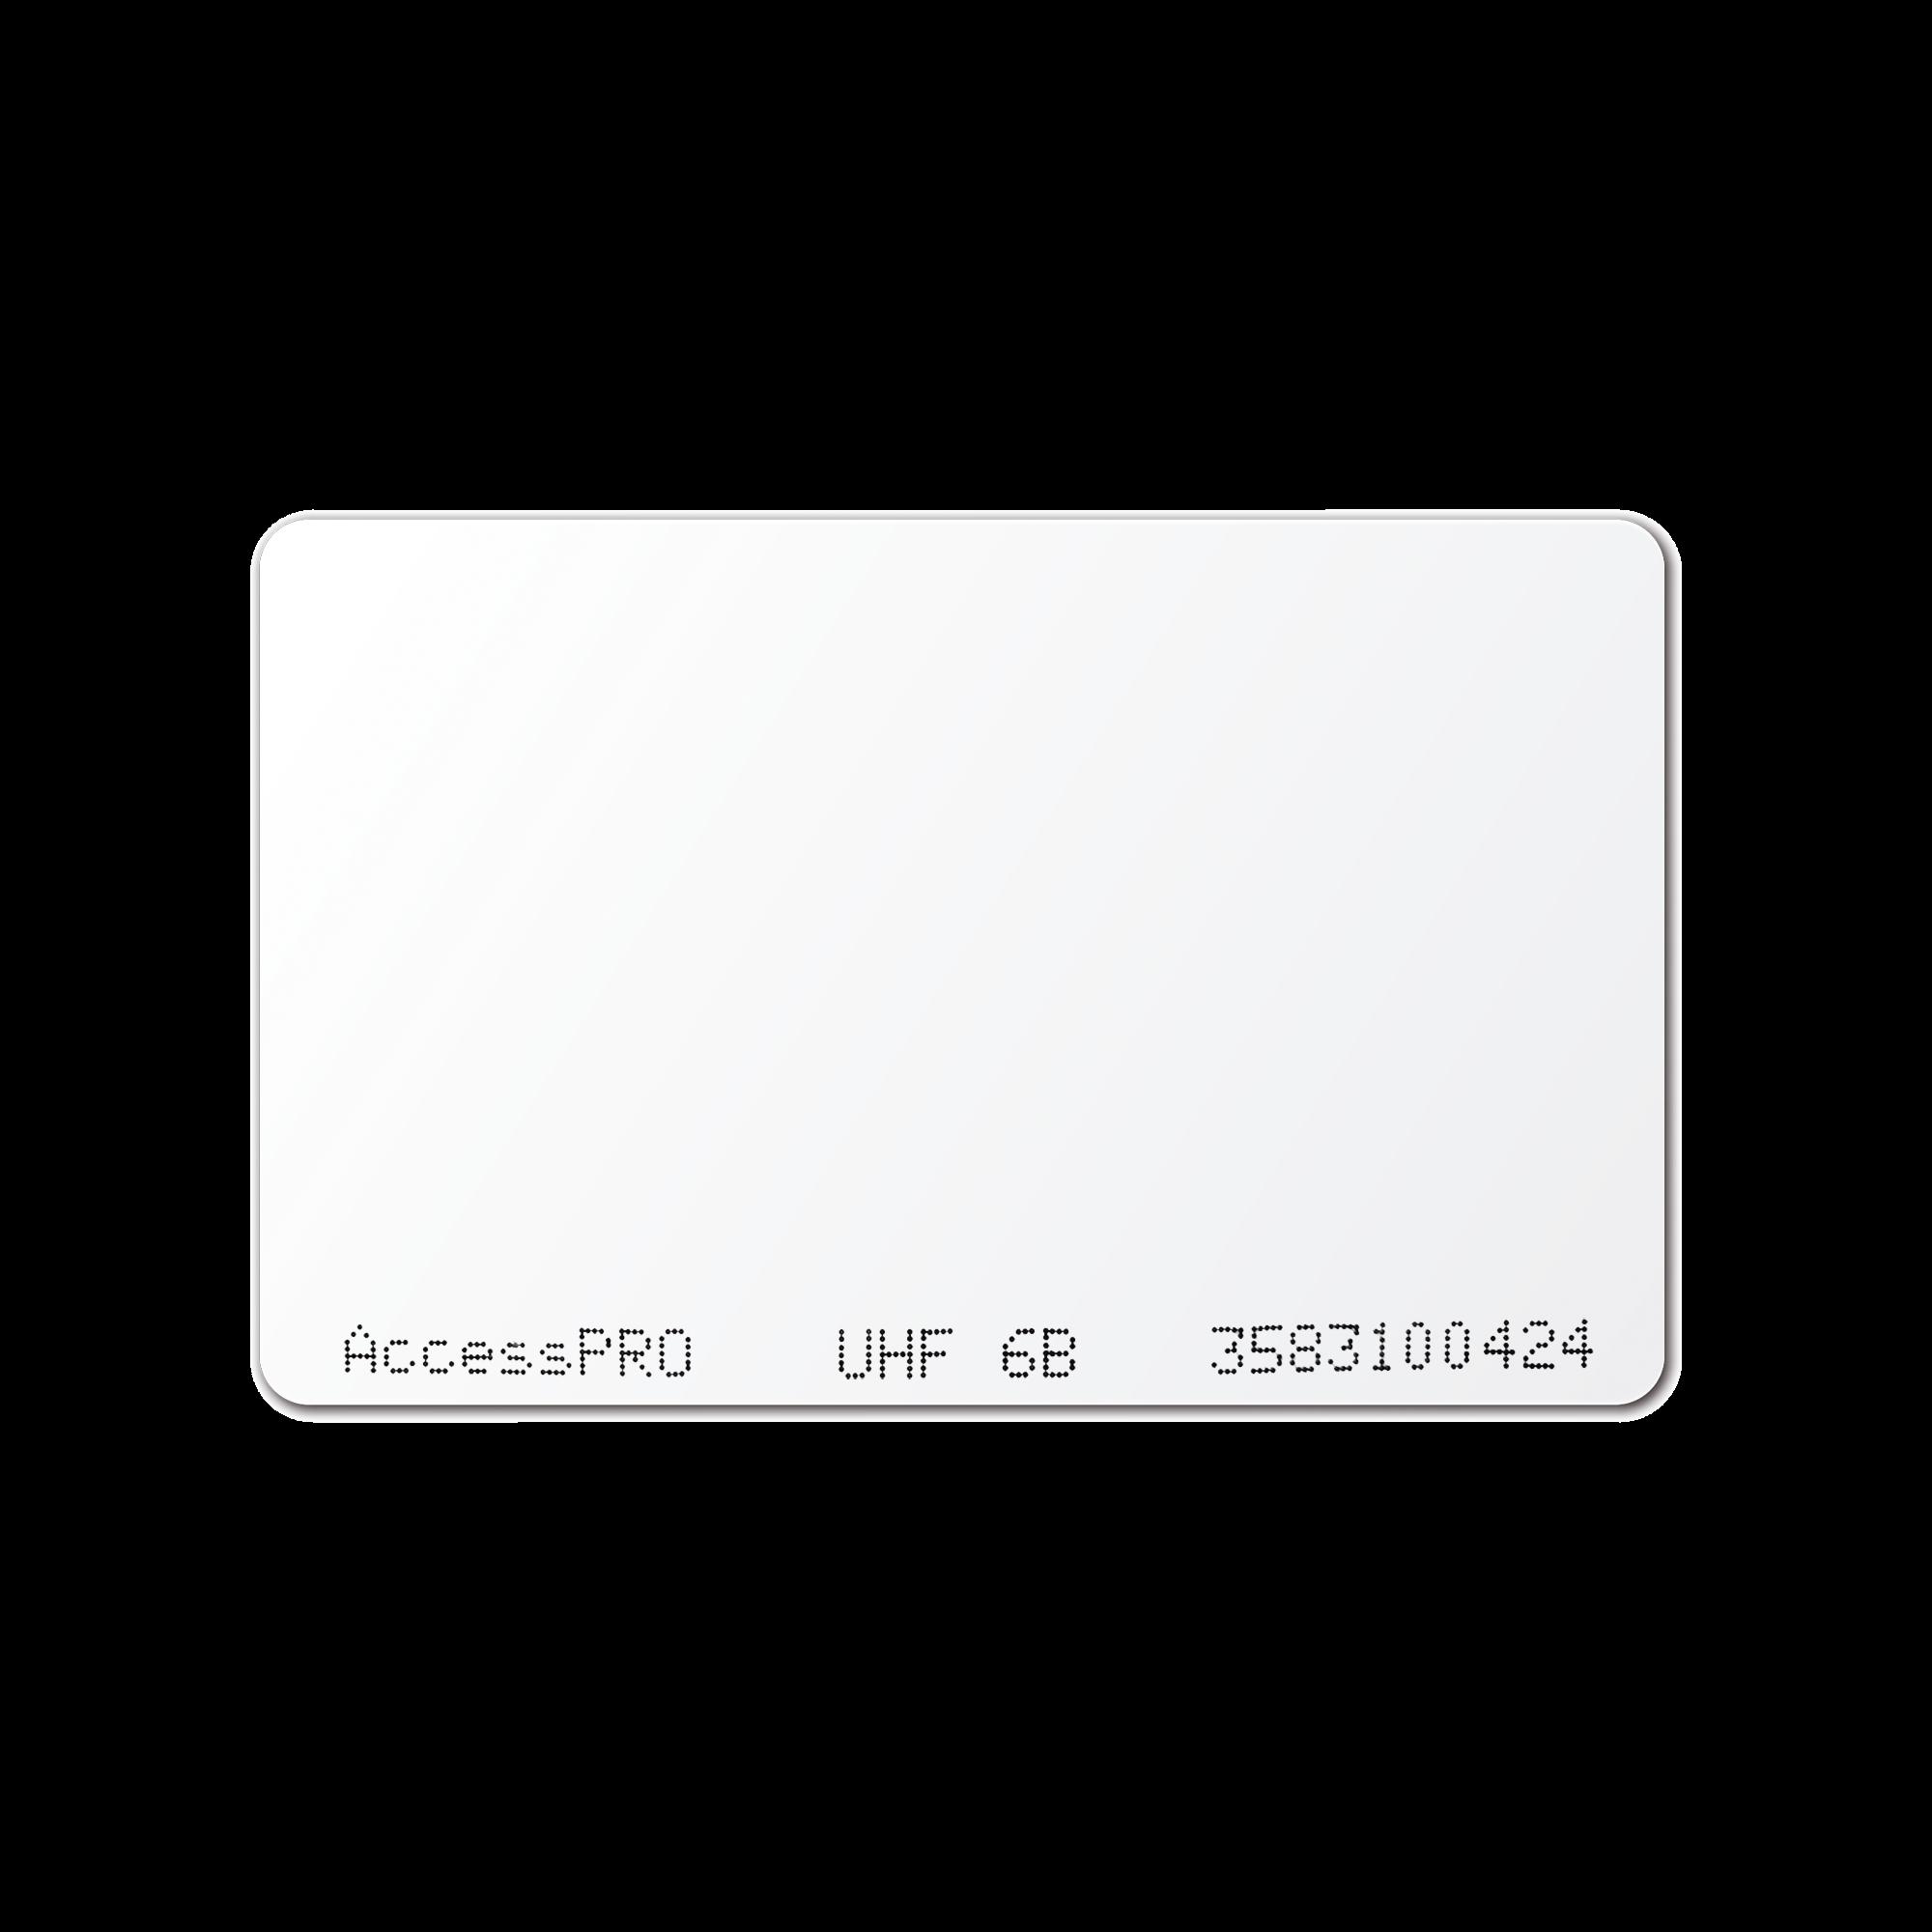 Tag UHF tipo Tarjeta para lectoras de largo alcance 900 MHZ / ISO 18000 6B / No imprimible / No incluye porta tarjeta